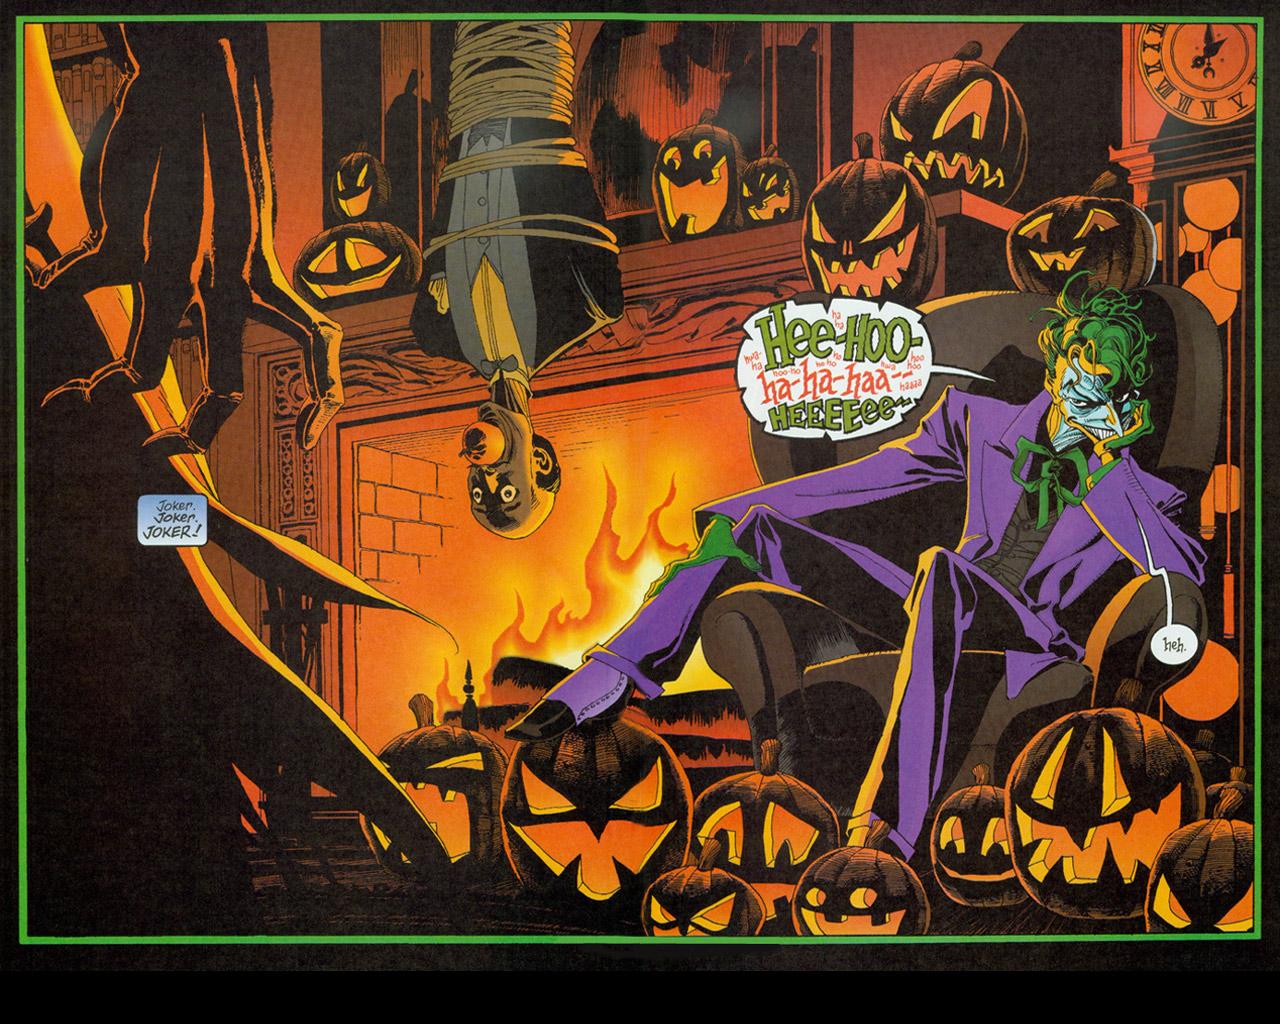 http://1.bp.blogspot.com/-OH7CqC9C6UY/UFB9spFgaKI/AAAAAAAAAY0/maeLc0LerAs/s1600/joker-wishing-happy-halloween.jpeg